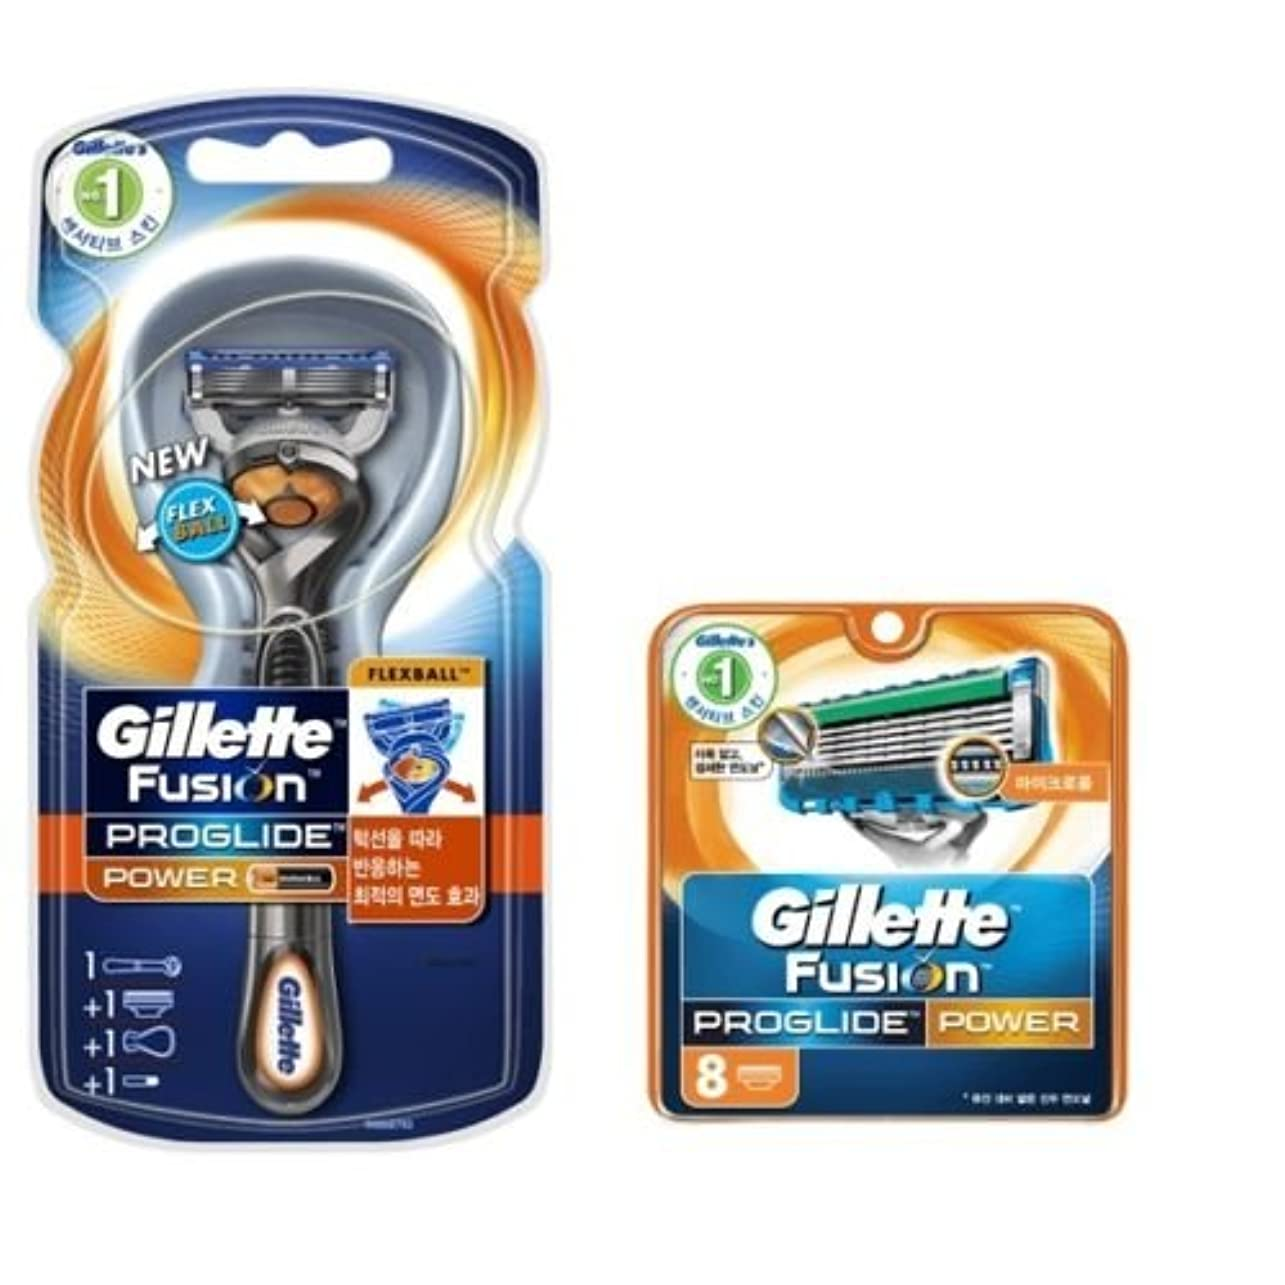 場所パースブラックボロウ皮肉なGillette Fusion Proglide Flexball Power Men's 1 剃刀 9 かみそりの刃 [並行輸入品]